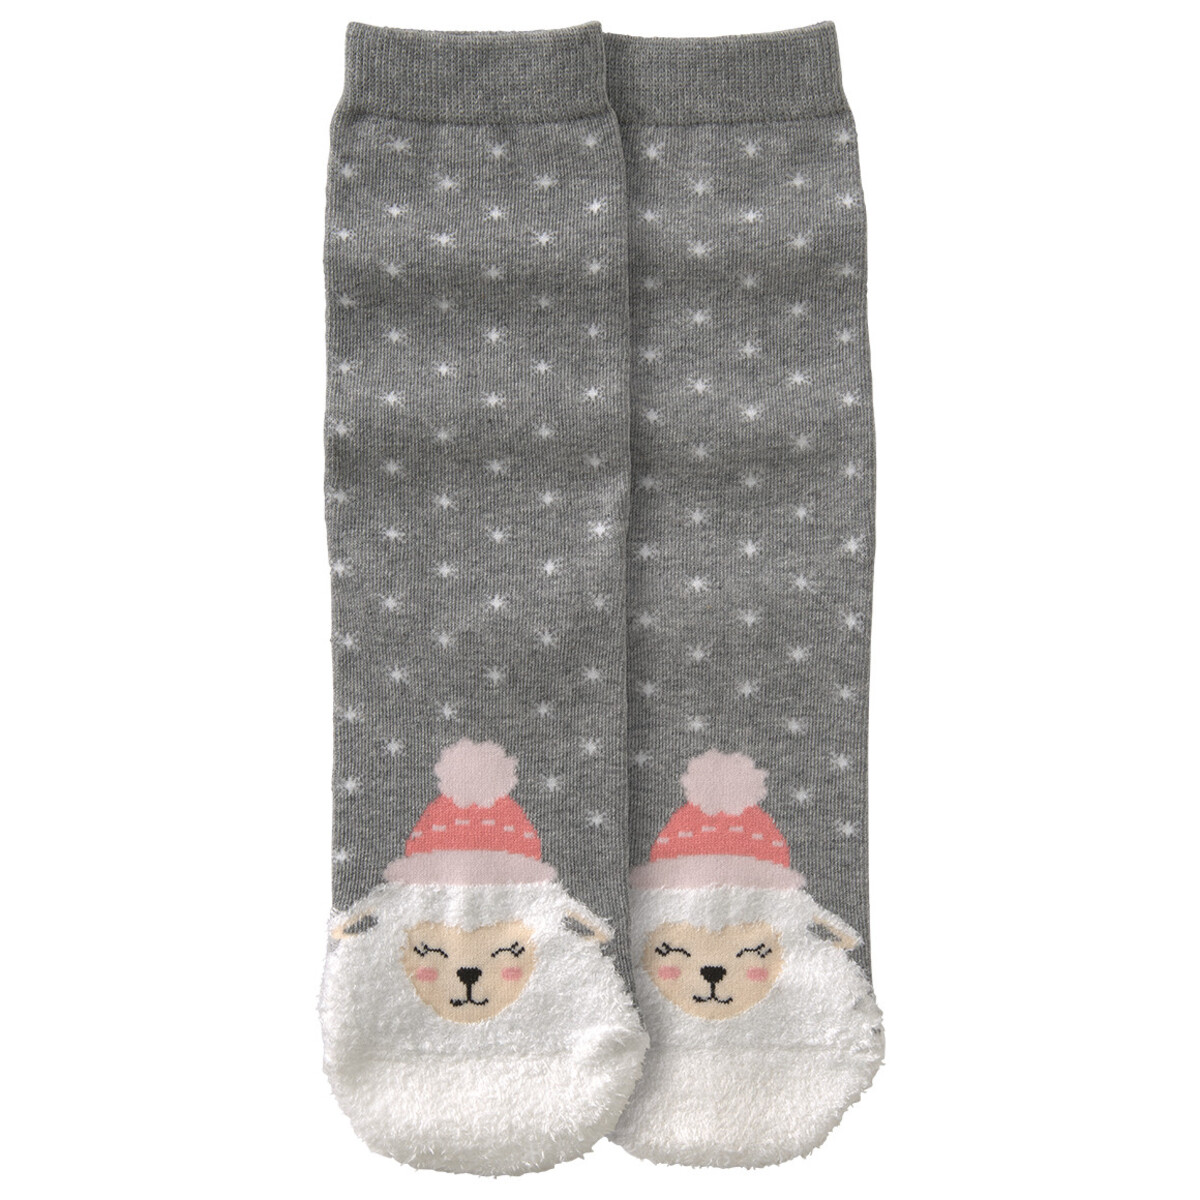 Bild 1 von 1 Paar Damen Socken mit Fun-Motiv